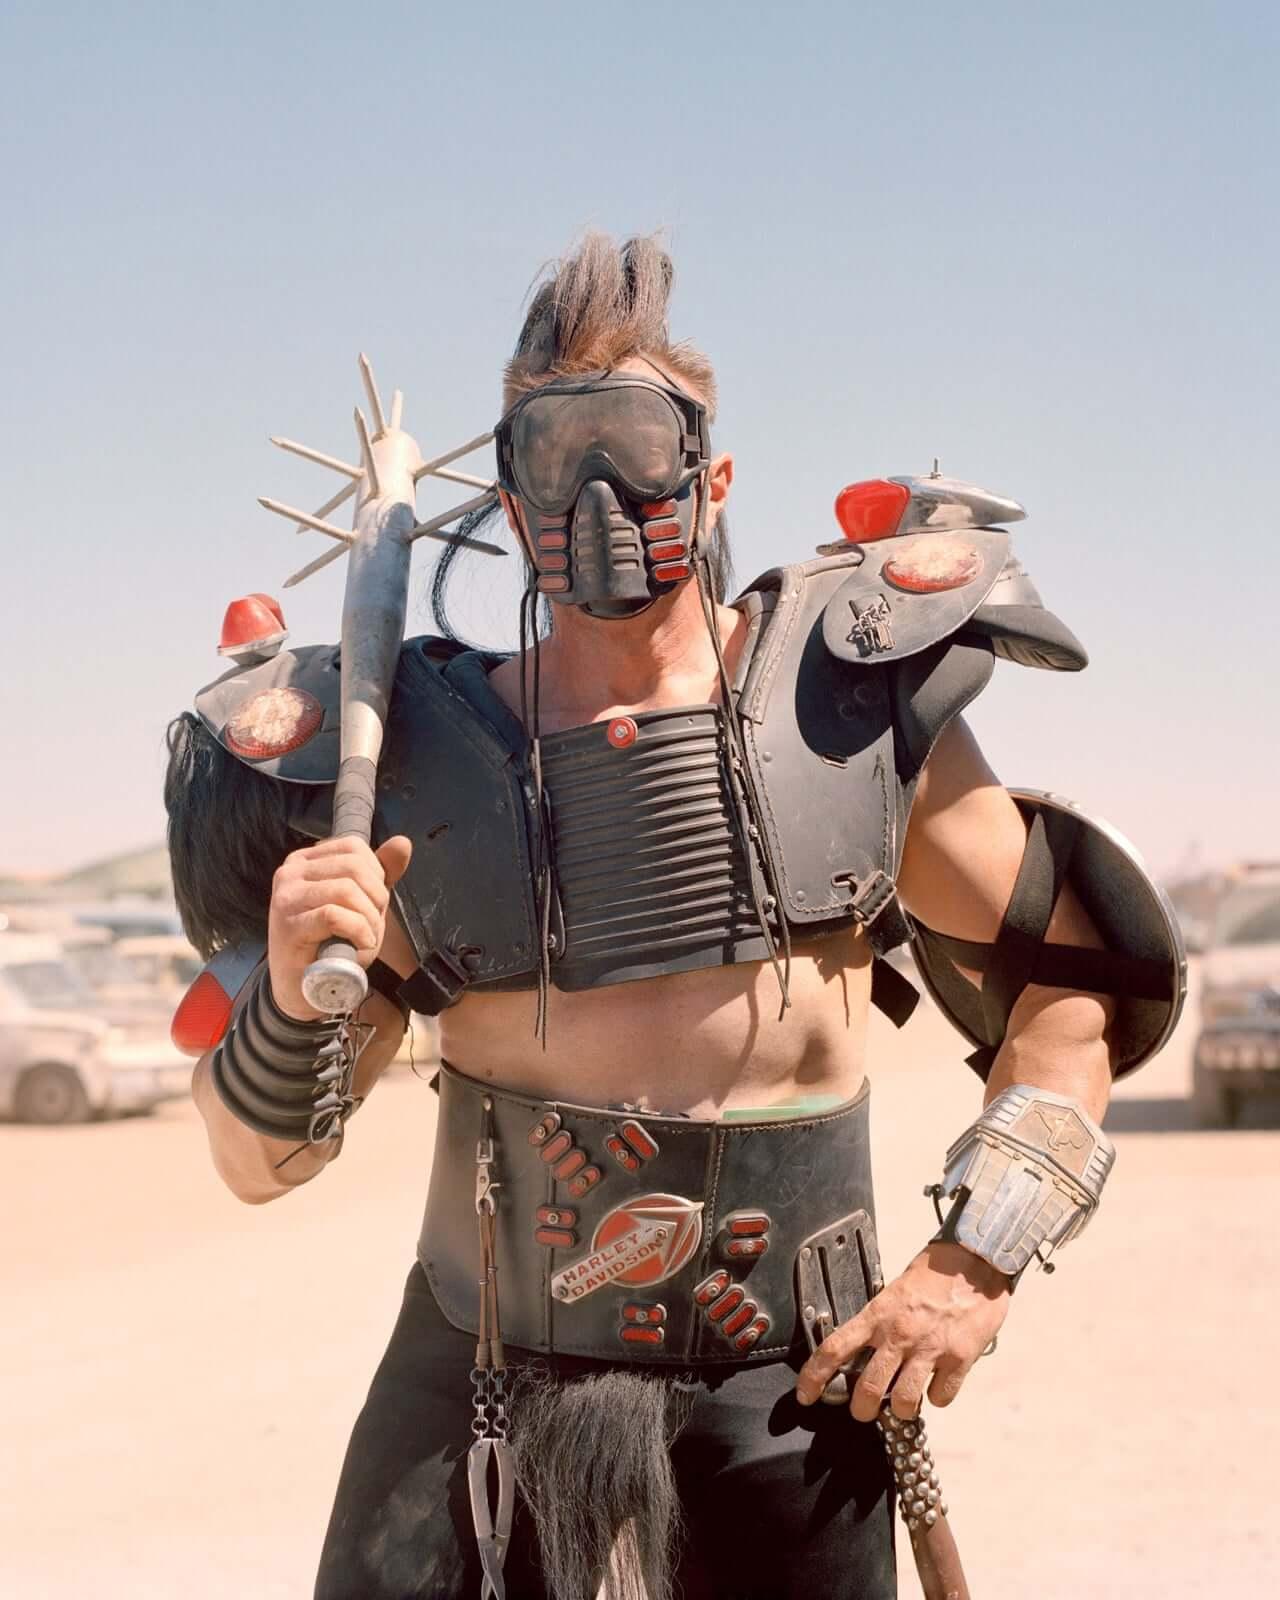 """Así se vive en California la fantasía post-apocalíptica inspirada en """"Mad Max"""" de 4000 guerreros del camino"""